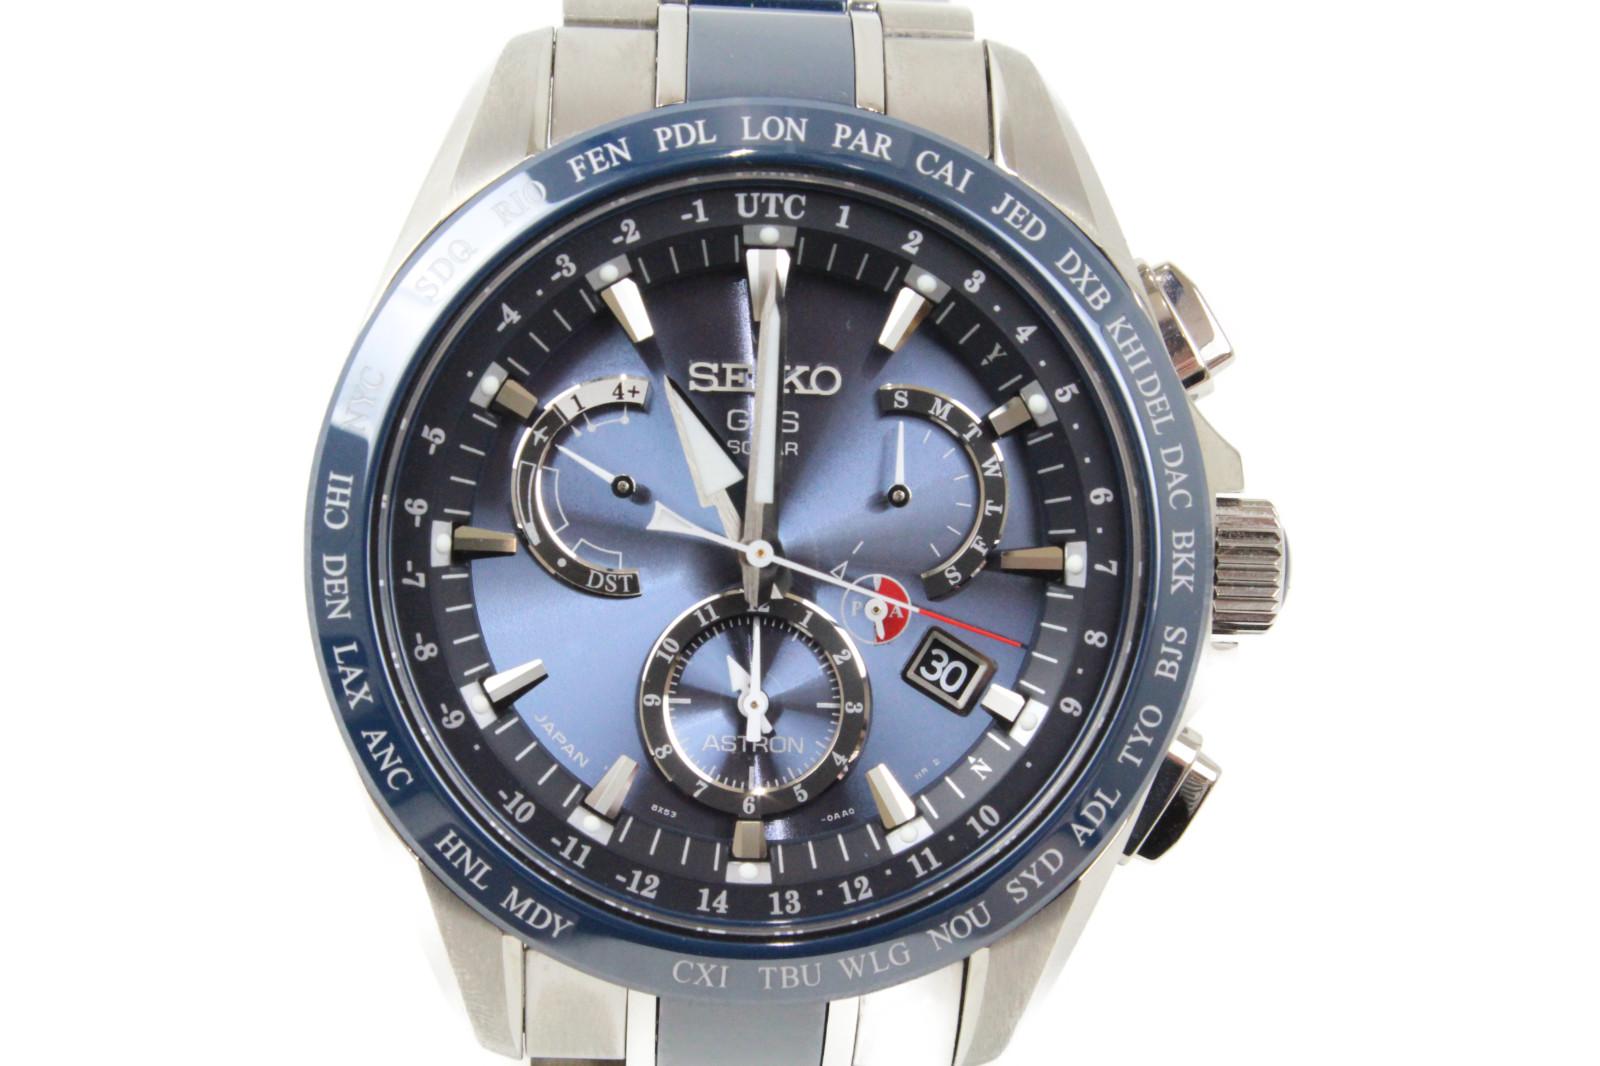 SEIKO セイコー アストロン ソーラーGPS衛星 8X53-0AB0-2 クロノグラフ デイト チタン ブルー メンズ 腕時計【中古】